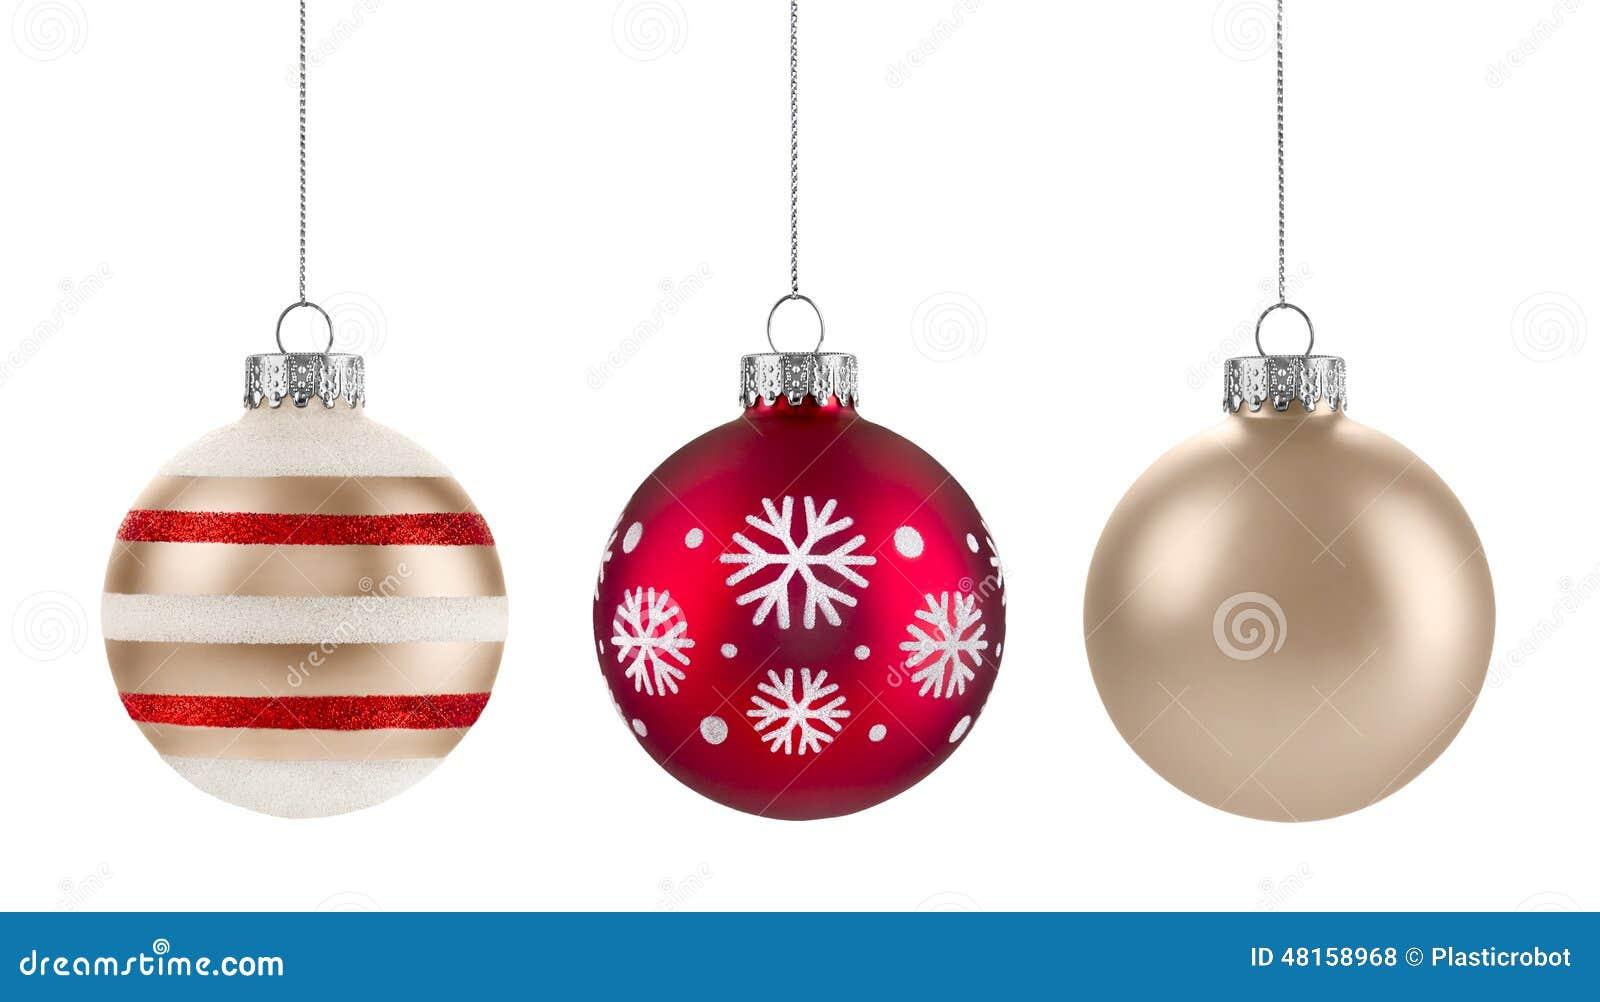 球配件箱分行圣诞节手摇铃装饰品